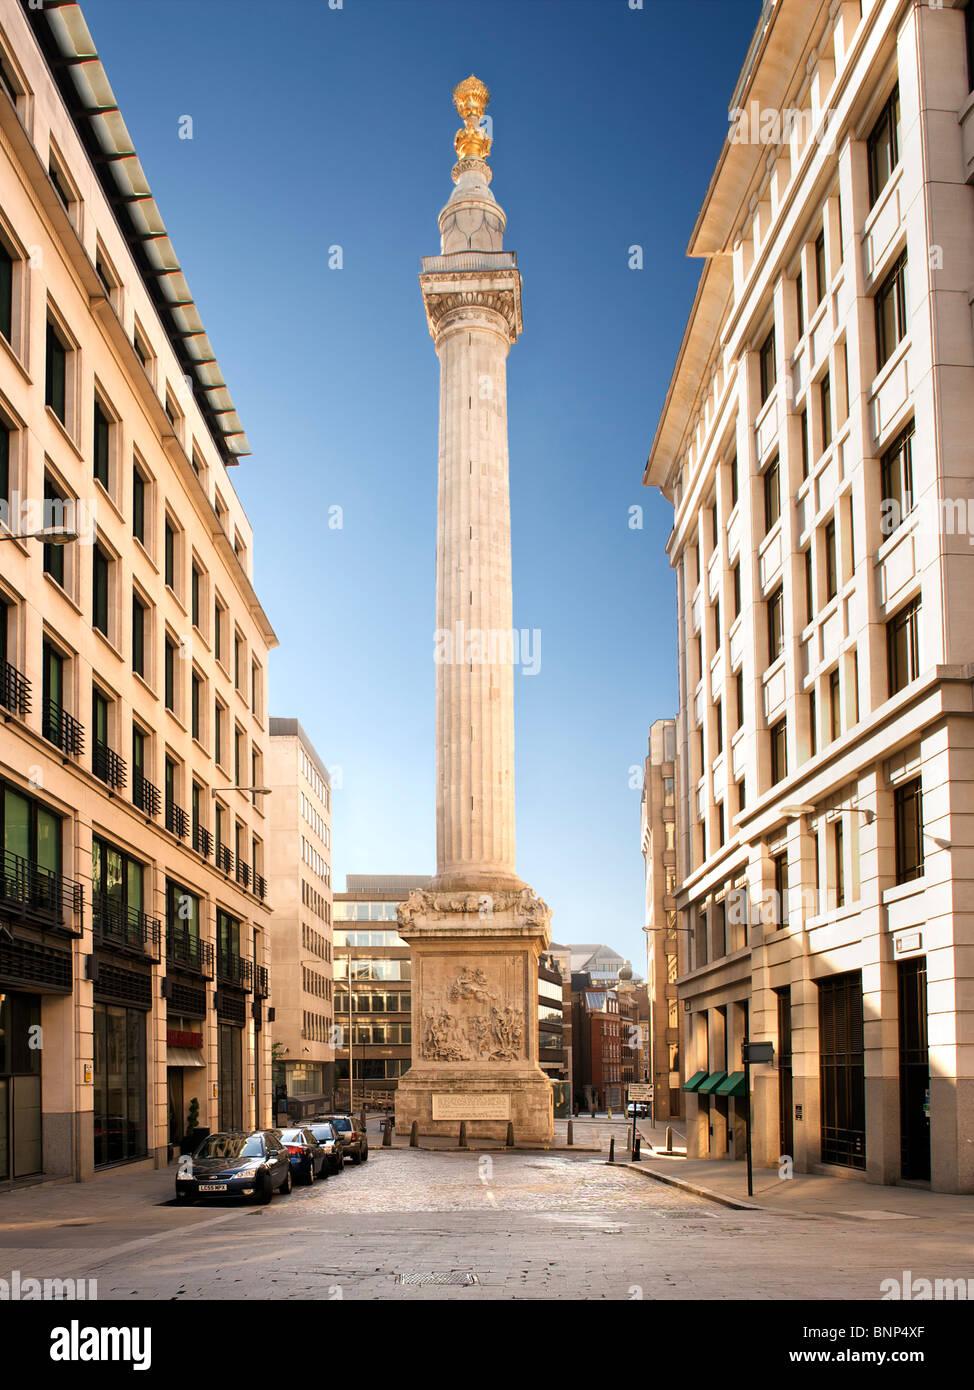 Denkmal zum Gedenken an den großen Brand von London im Jahre 1666. Stockbild